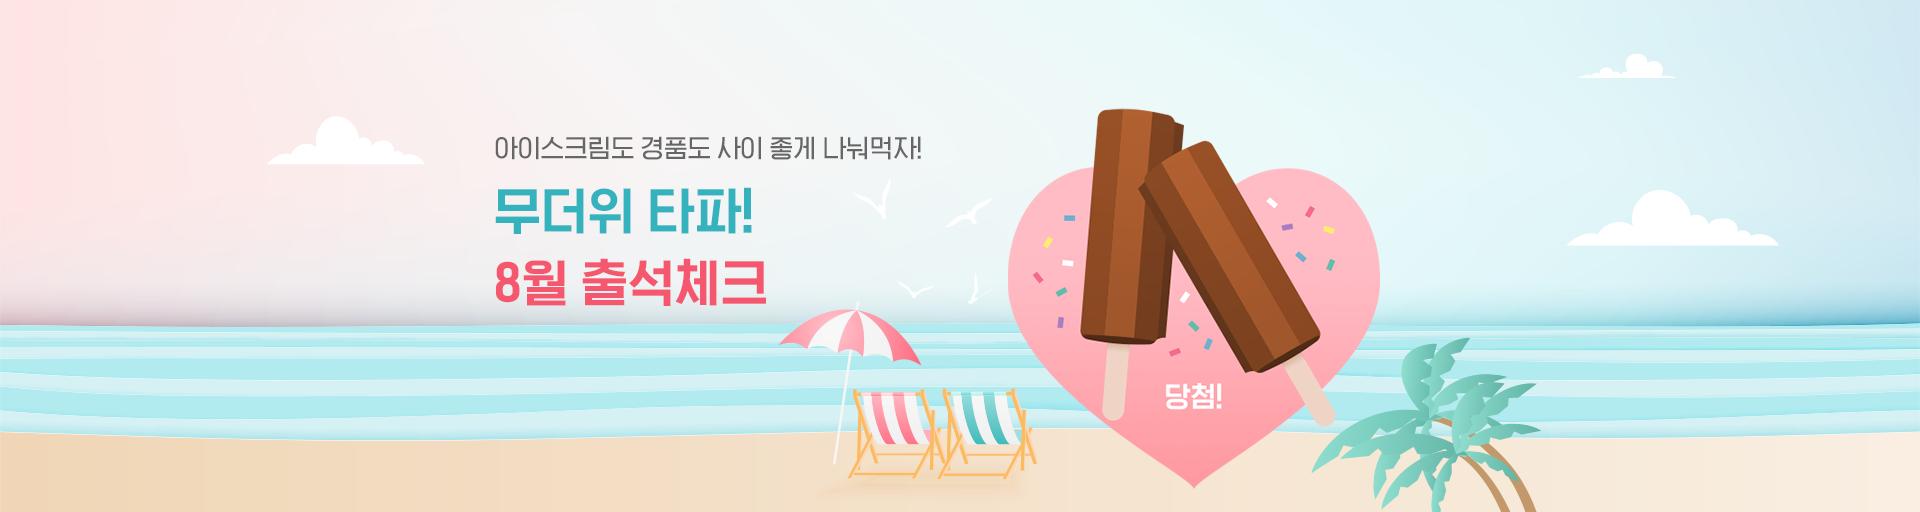 아이스크림도 경품도 사이 좋게 나눠먹자! 무더위 타파! 8월 출석체크